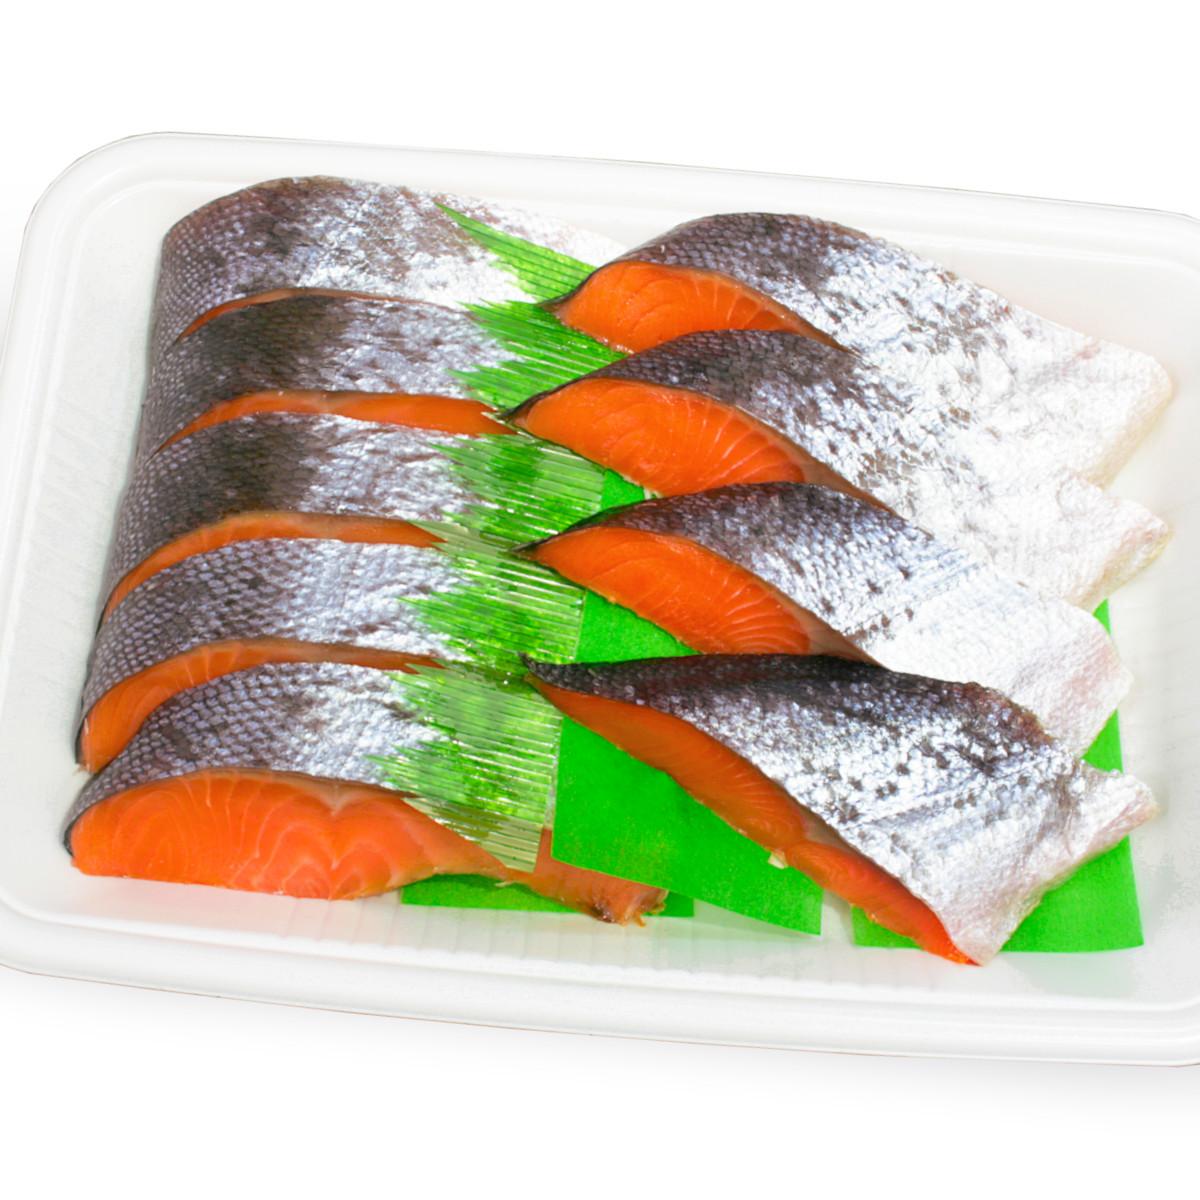 [ご自宅用] 銀鮭寒風干し半身の切身トレイ盛り